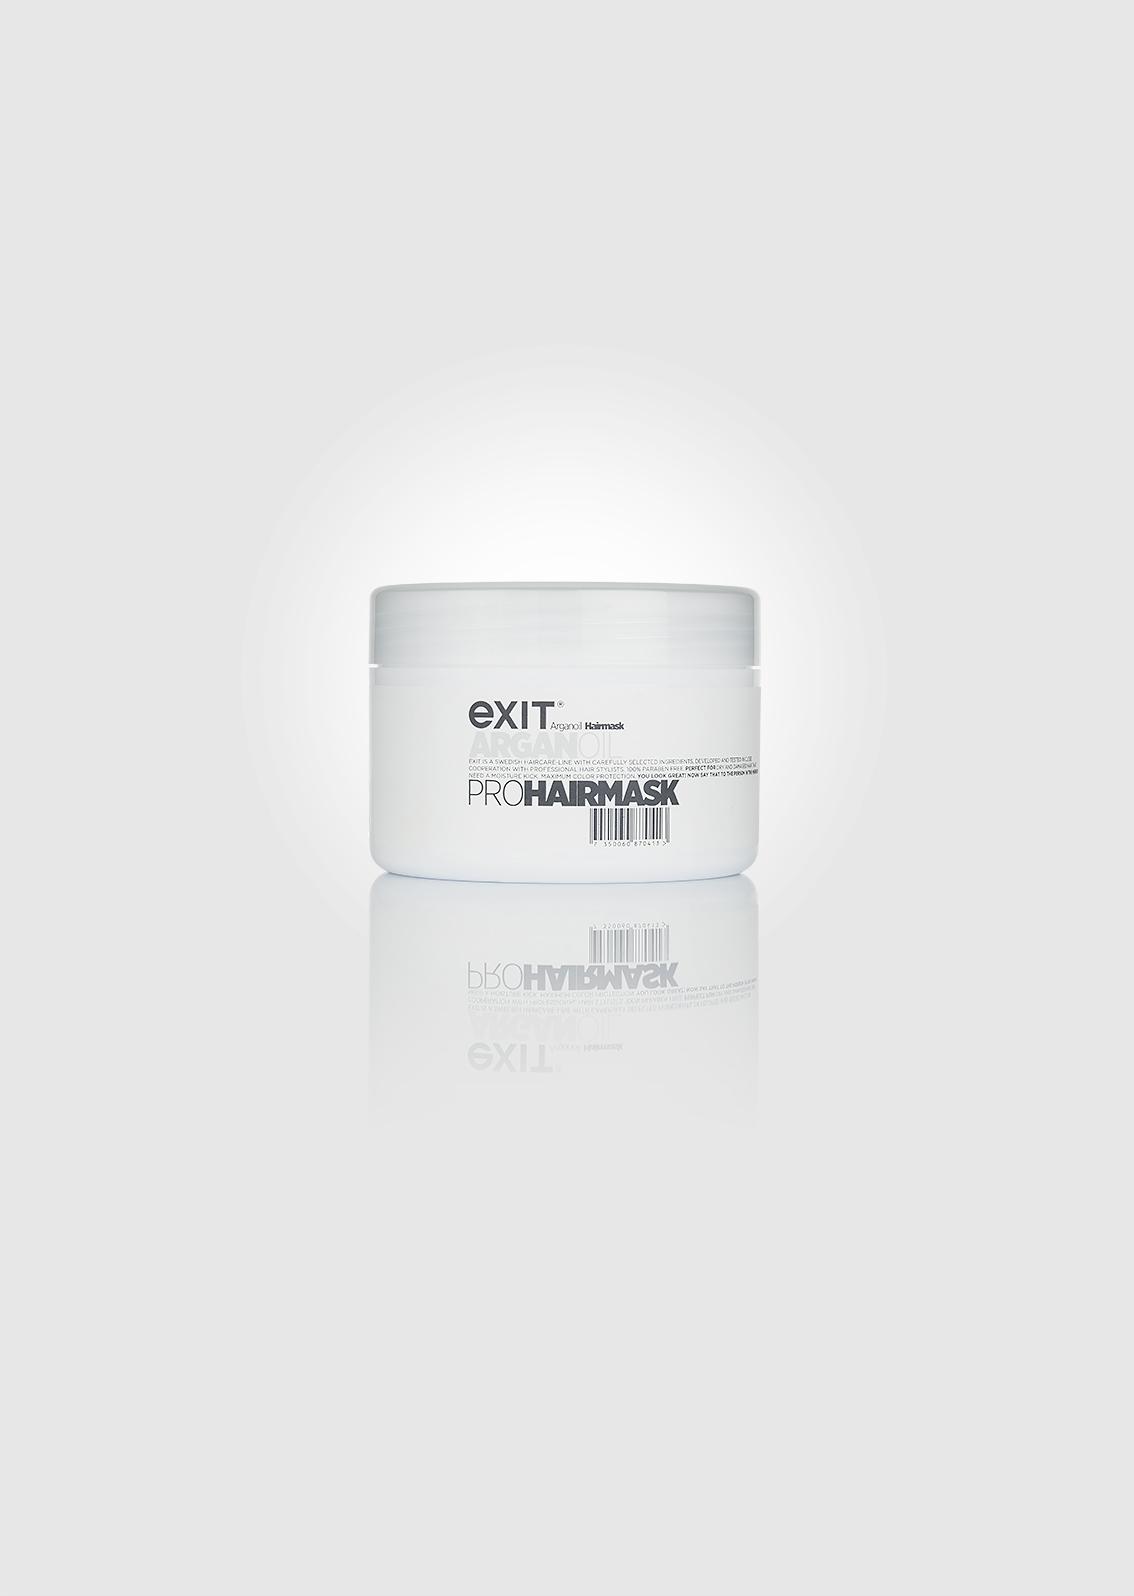 Behandling som är rik på arganolja och macadamia, som återfuktar, tränger djupt in i håret och återbygger dess styrka och spänstighet.